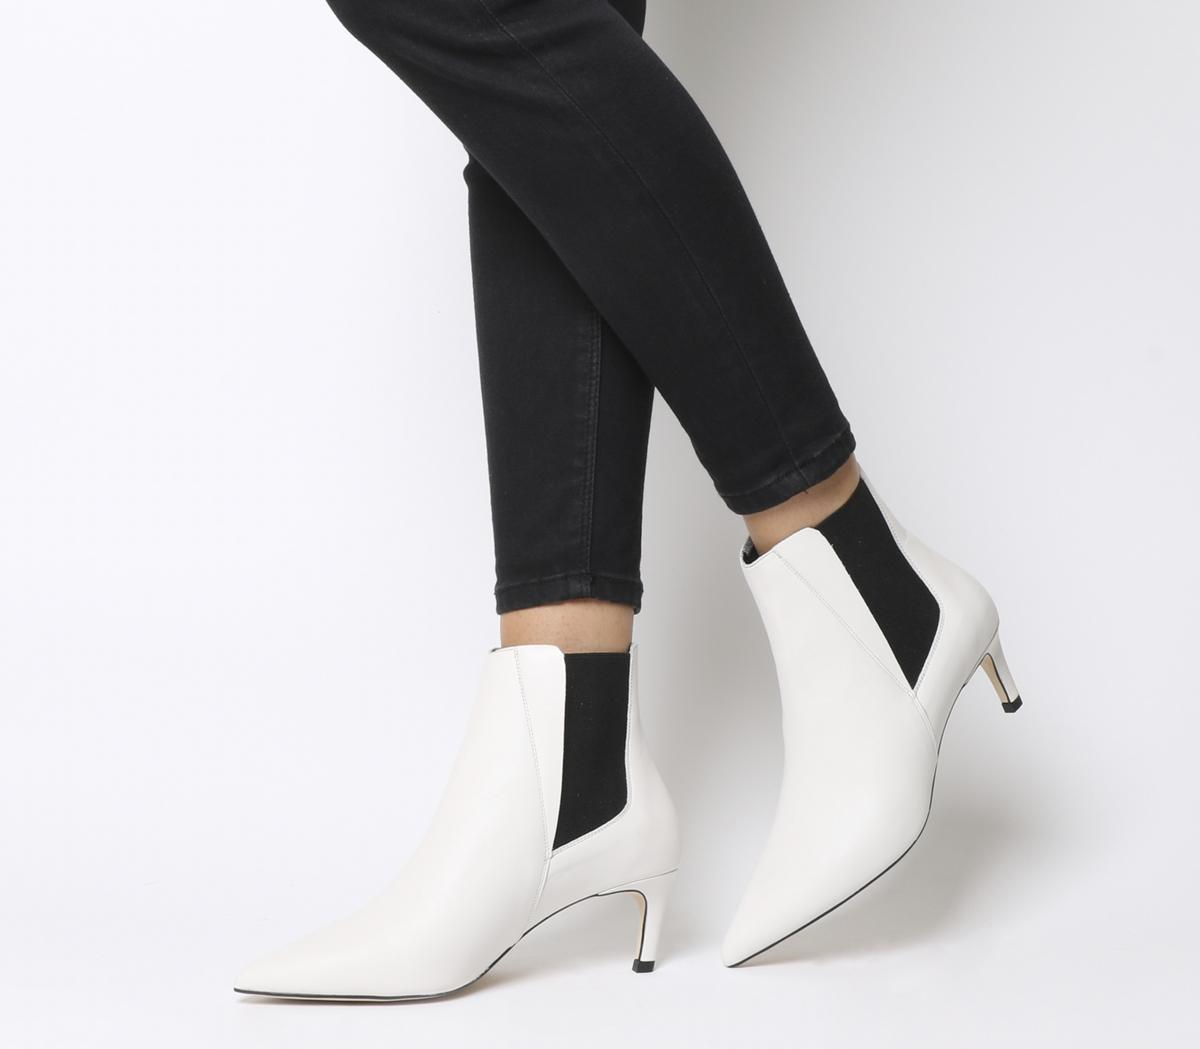 Attire Kitten Heel Chelsea Boots